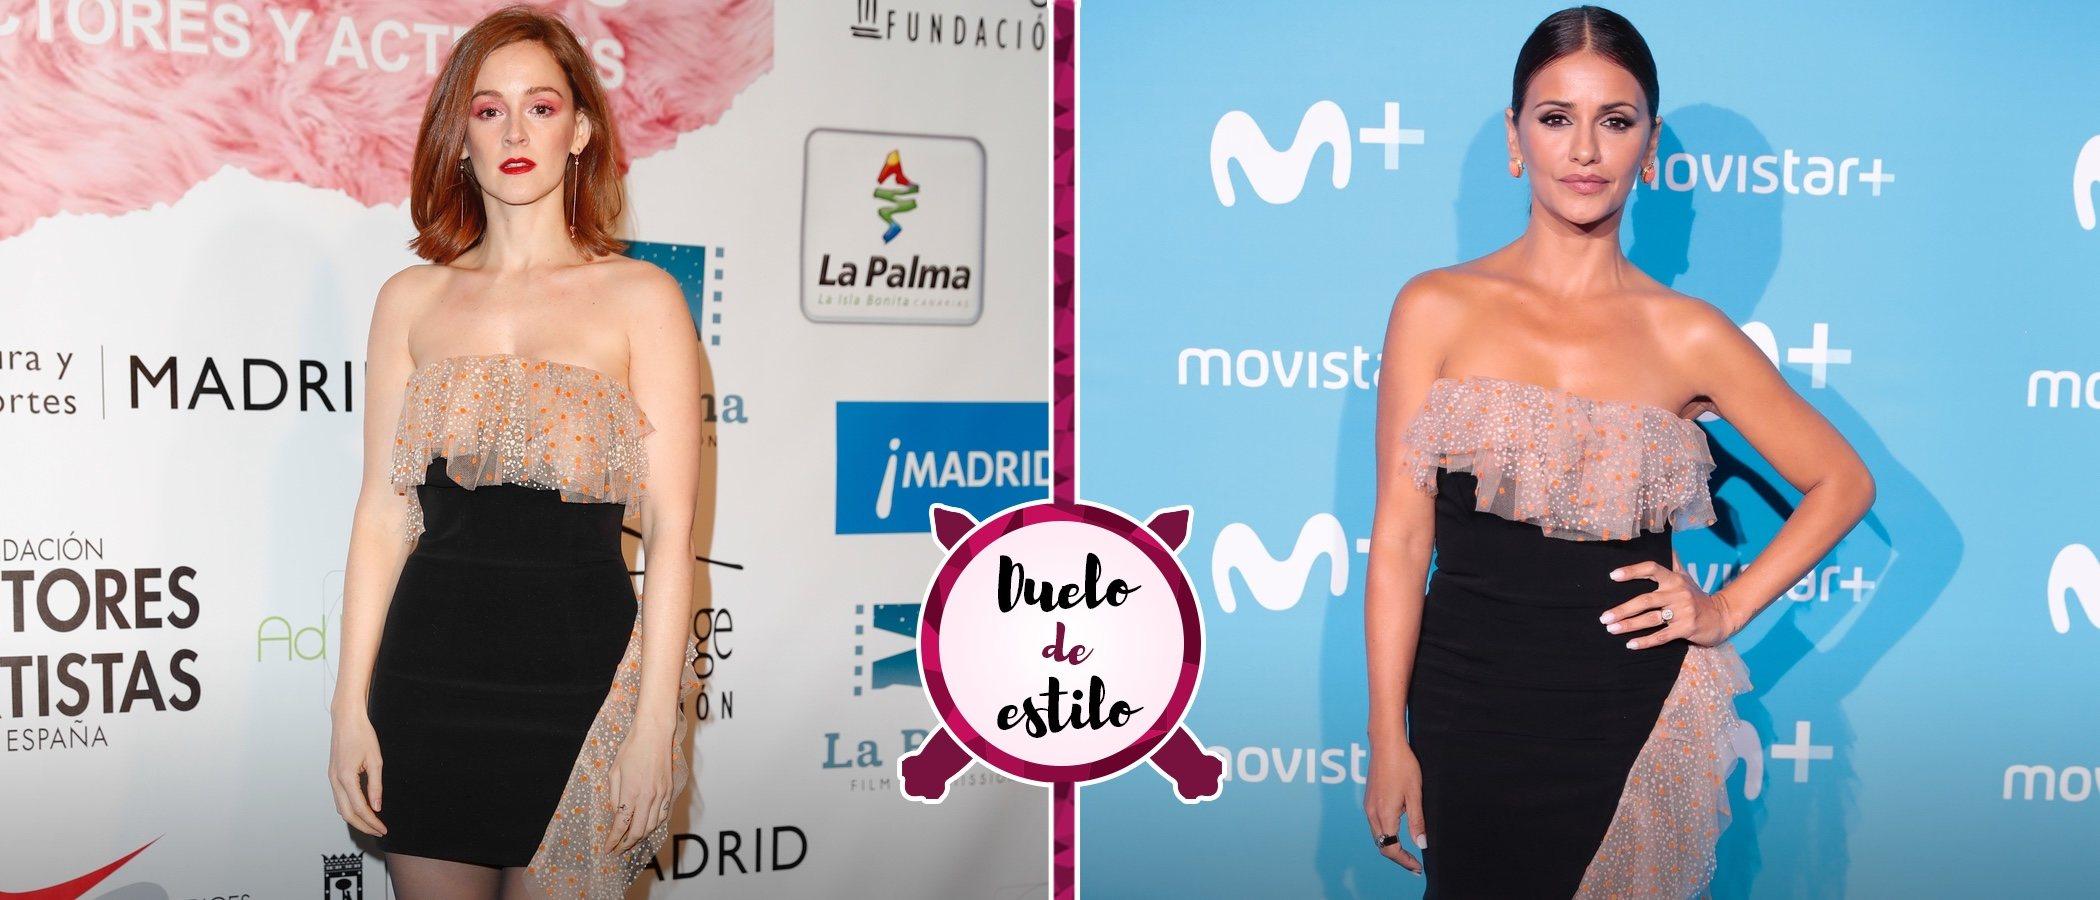 Ana Polvorosa y Mónica Cruz apuestan por el mismo diseño de Pedro del Hierro. ¿A quién le sienta mejor?